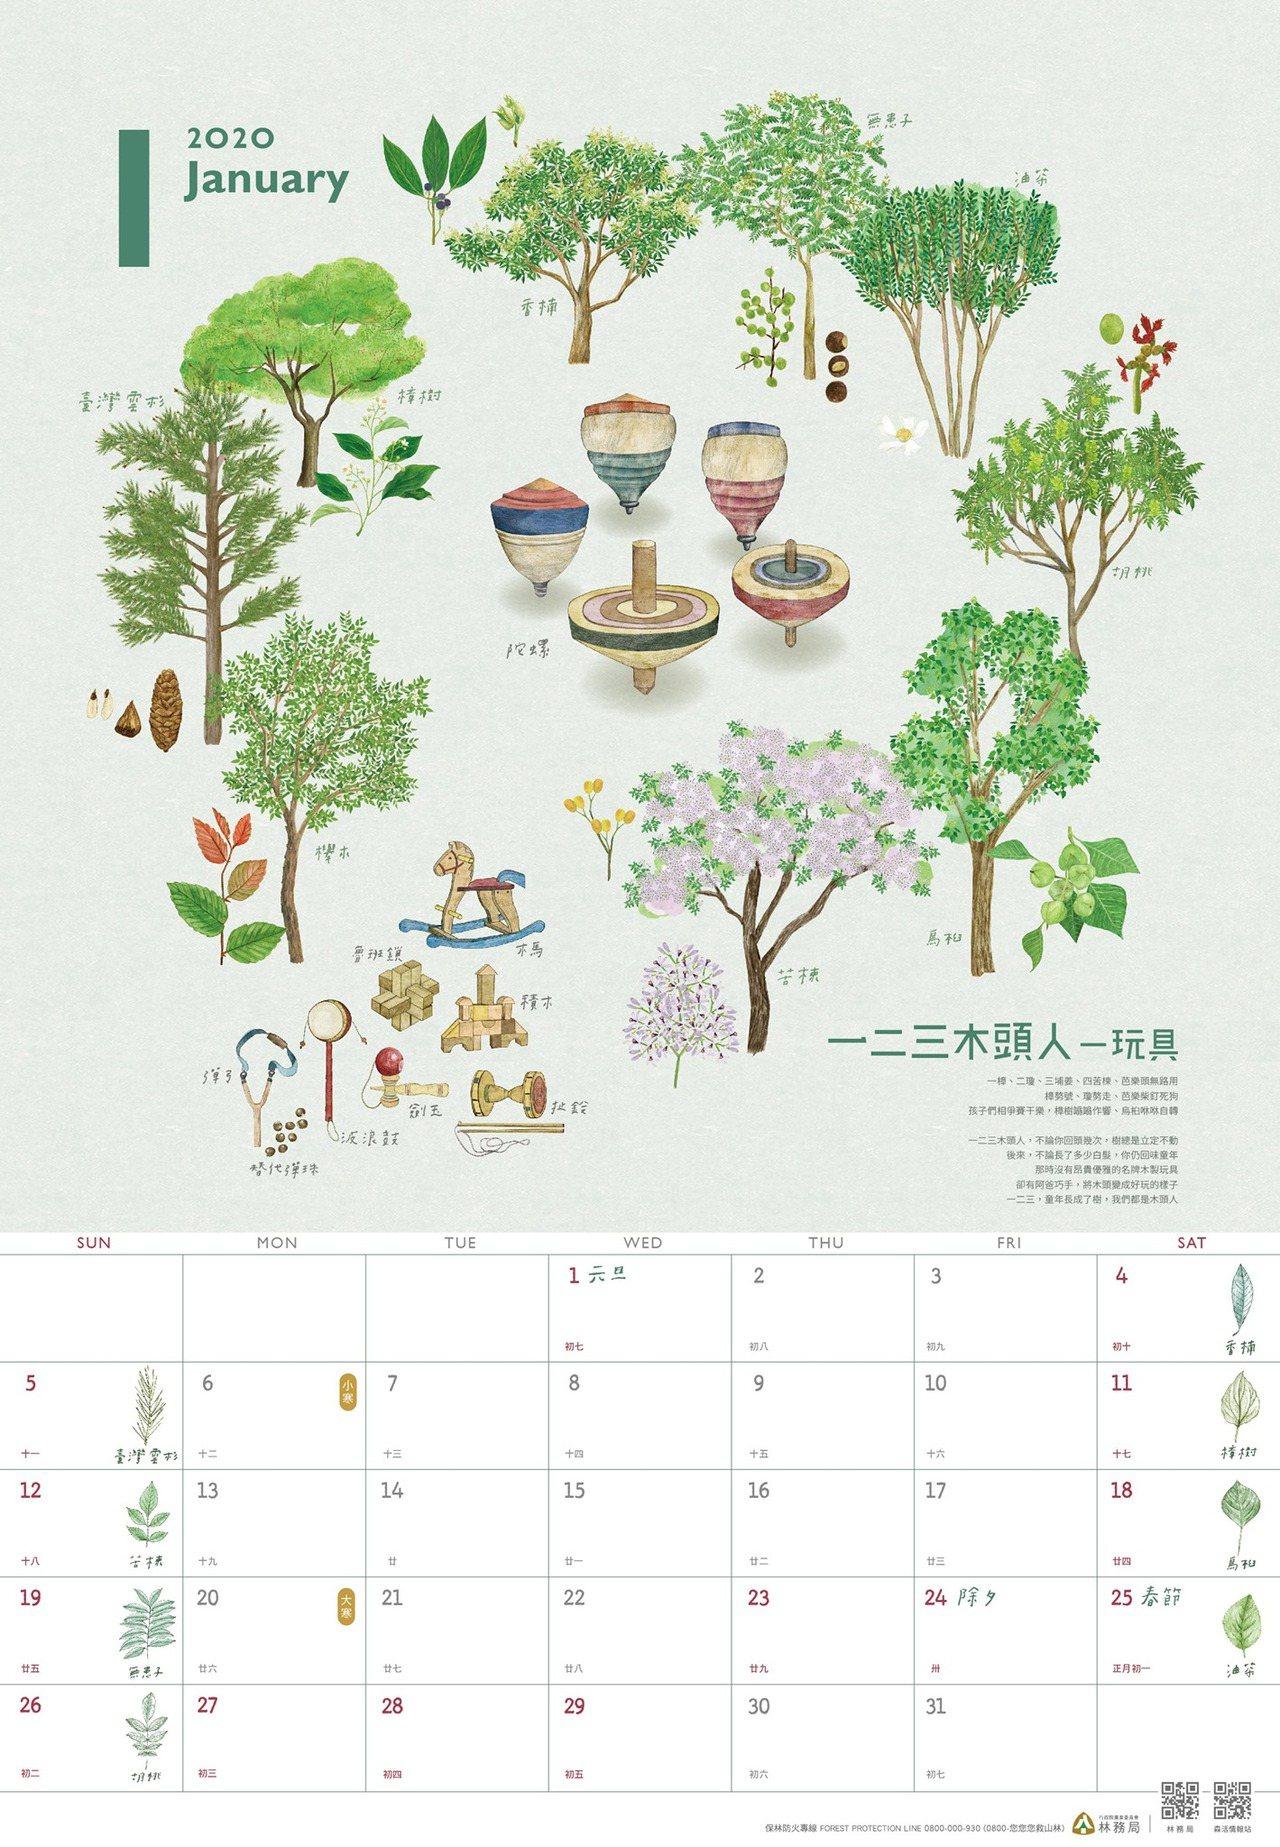 林務局2020年月曆。圖/取自林務局臉書粉絲團